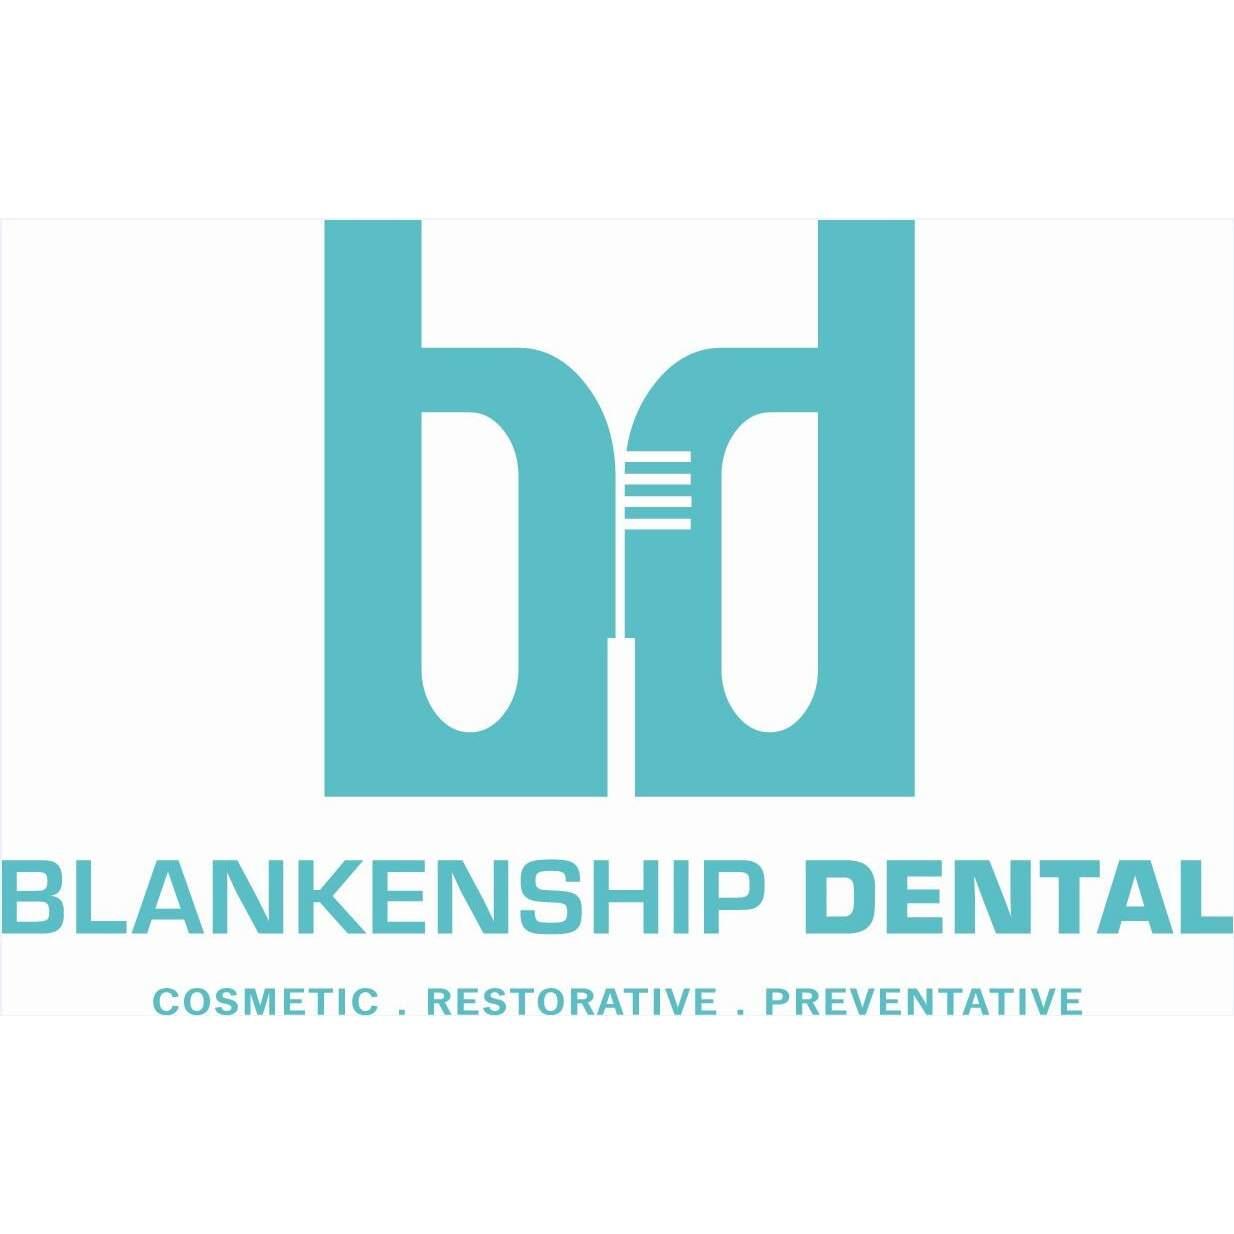 Blankenship Dental